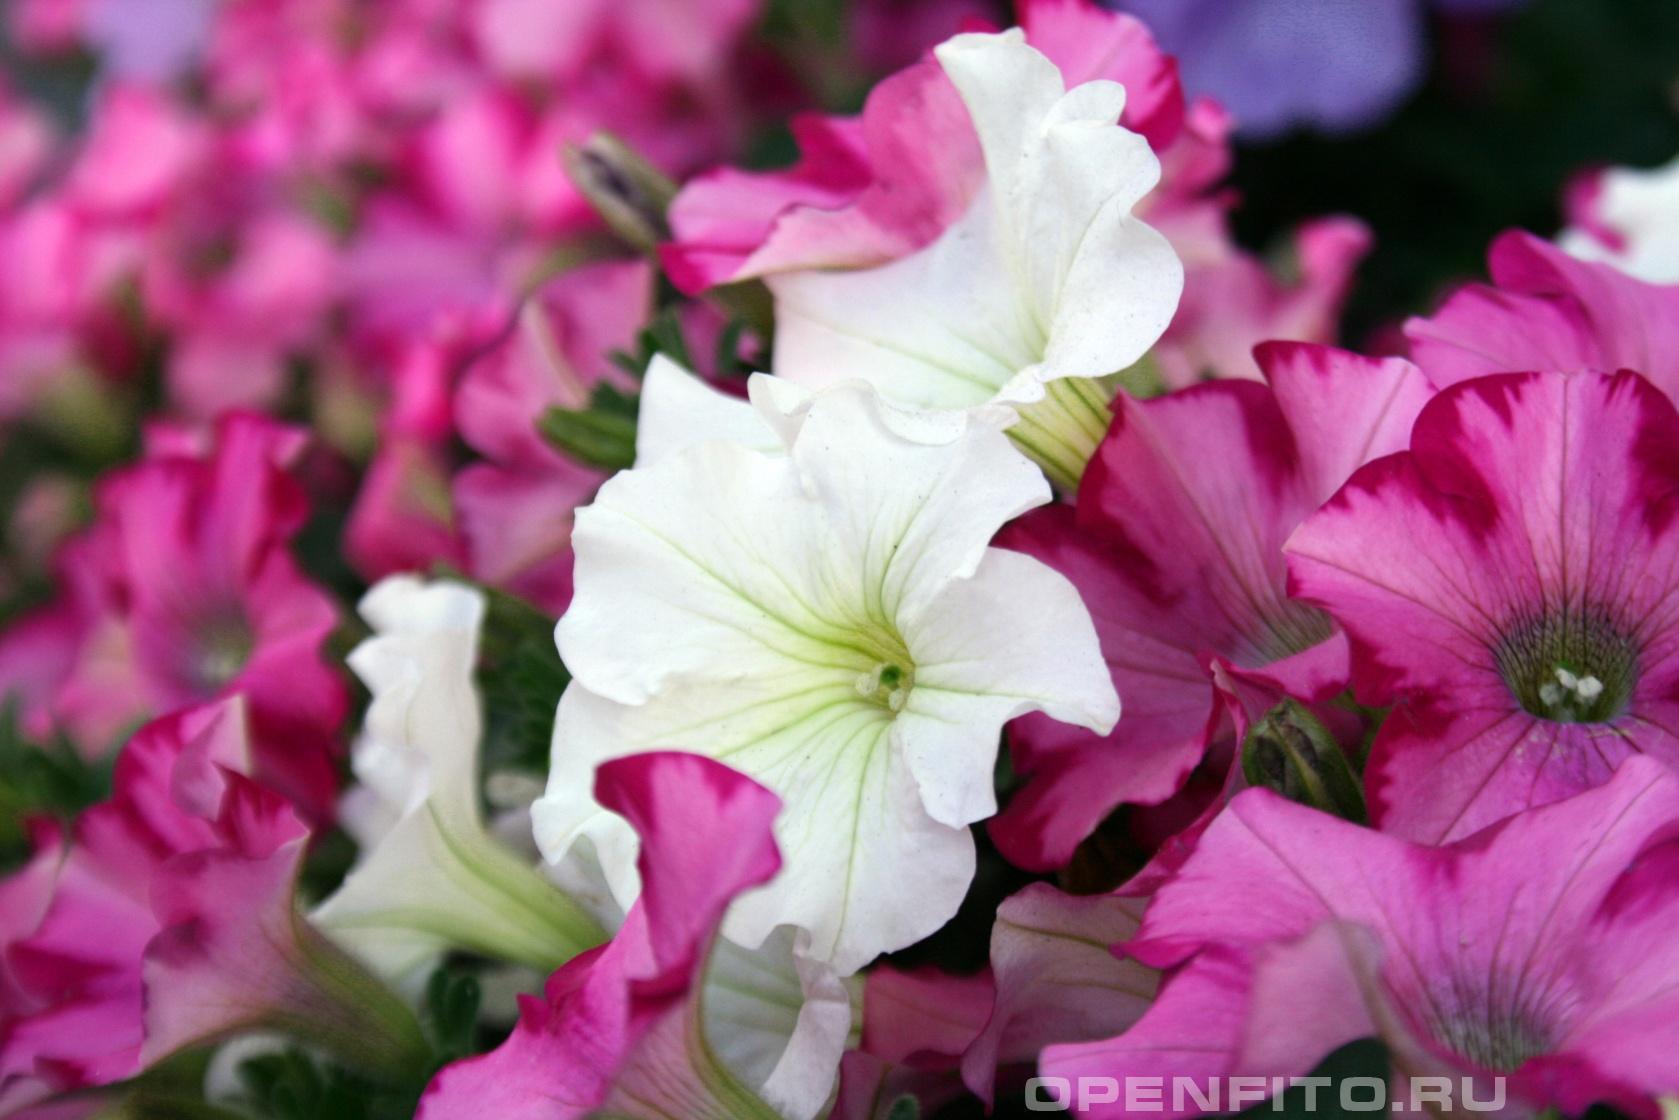 Петуния <p>самое распространенное садовое растение в России</p>